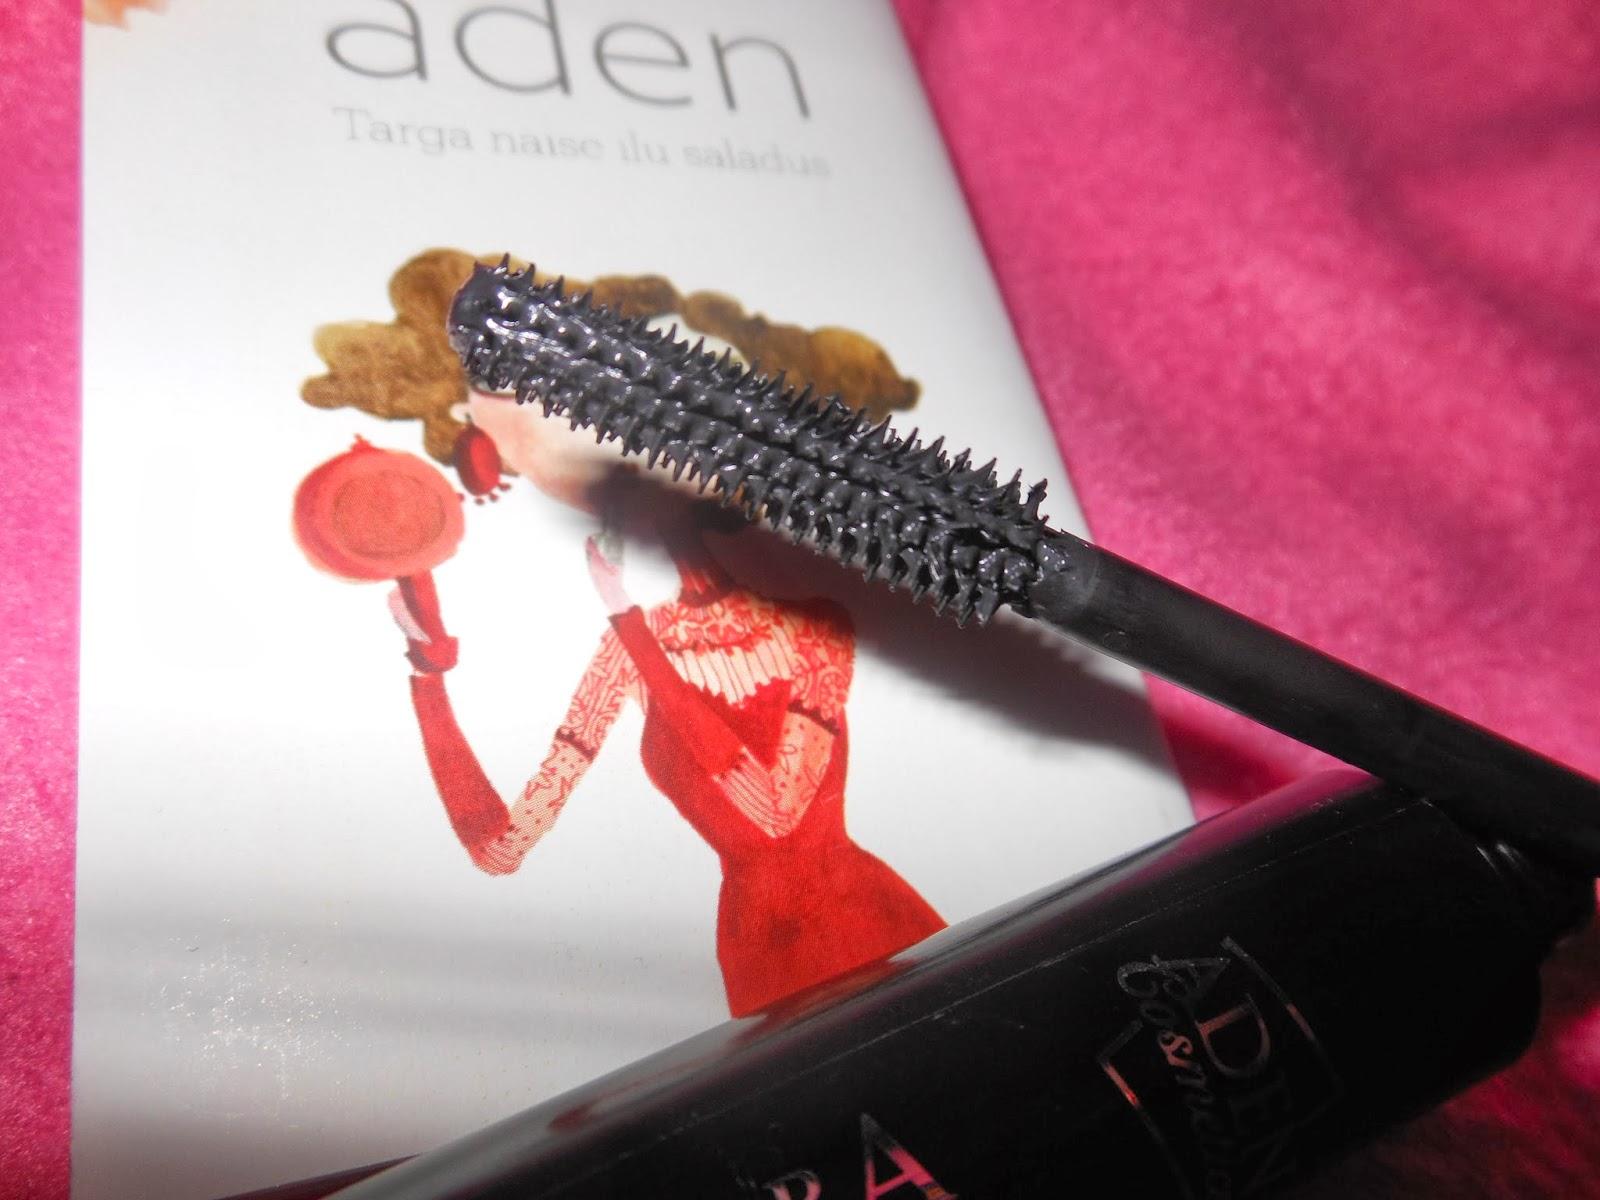 884de3177f3 EEVA naistekas - Tootearvustus: Adeni naiselikud kosmeetikatooted -